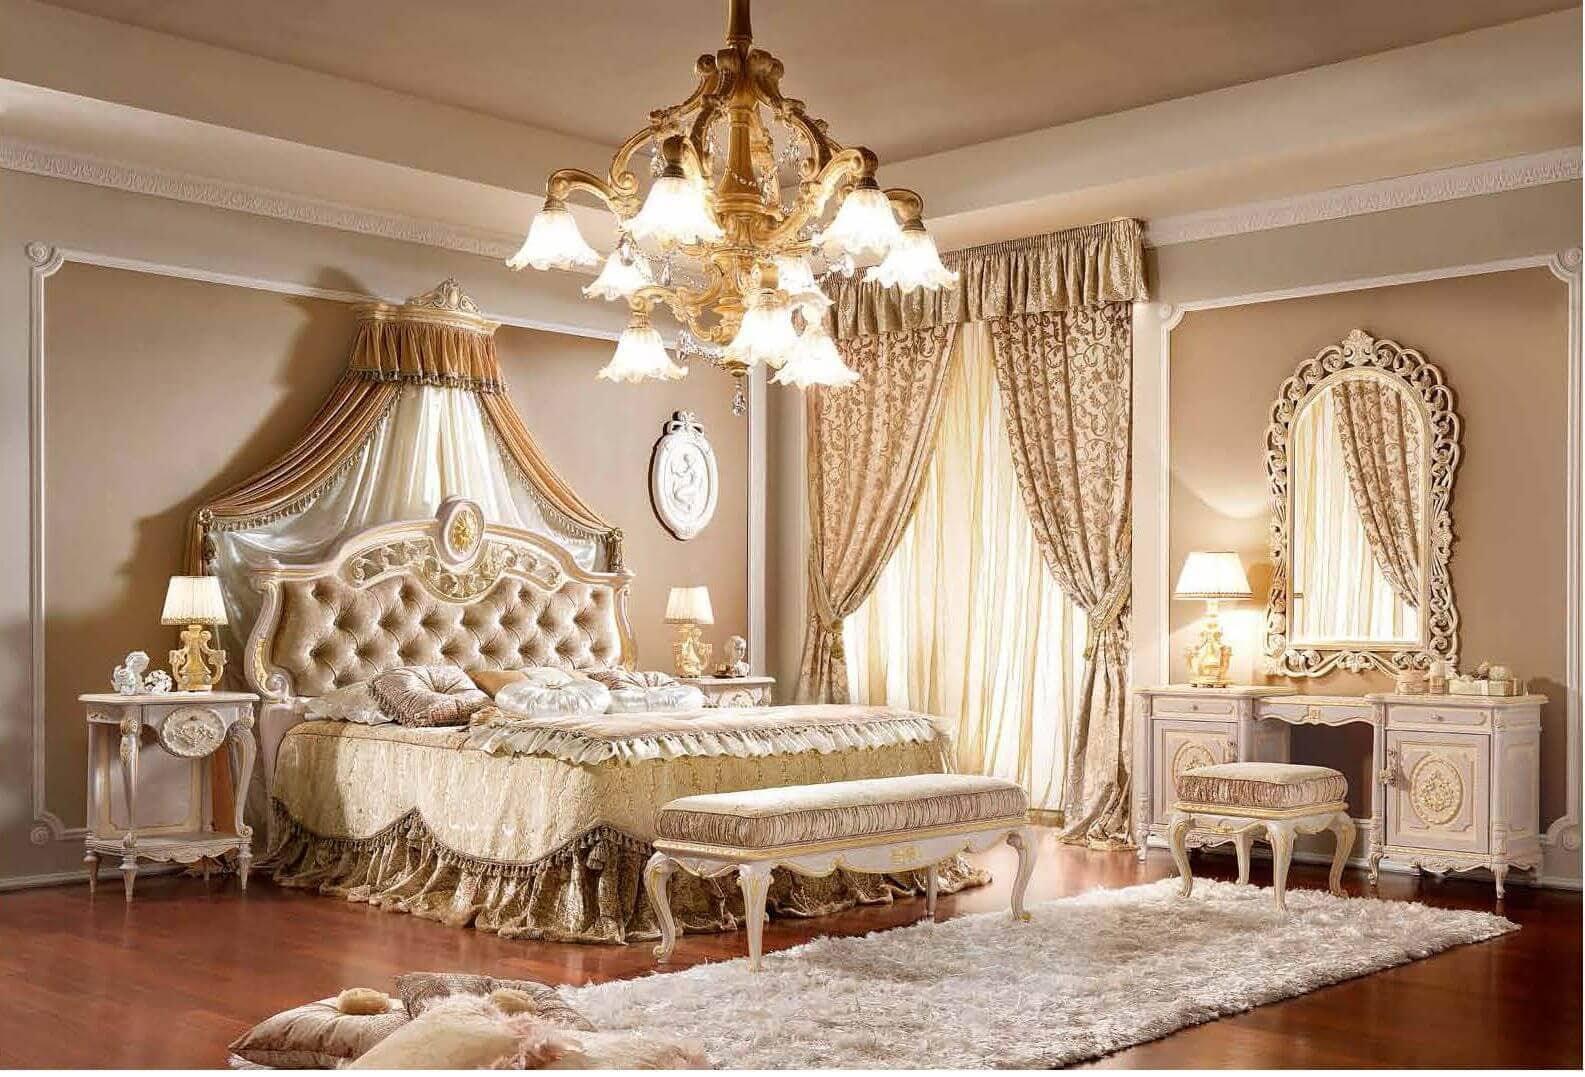 اسعار غرف النوم في المناصرة 2021